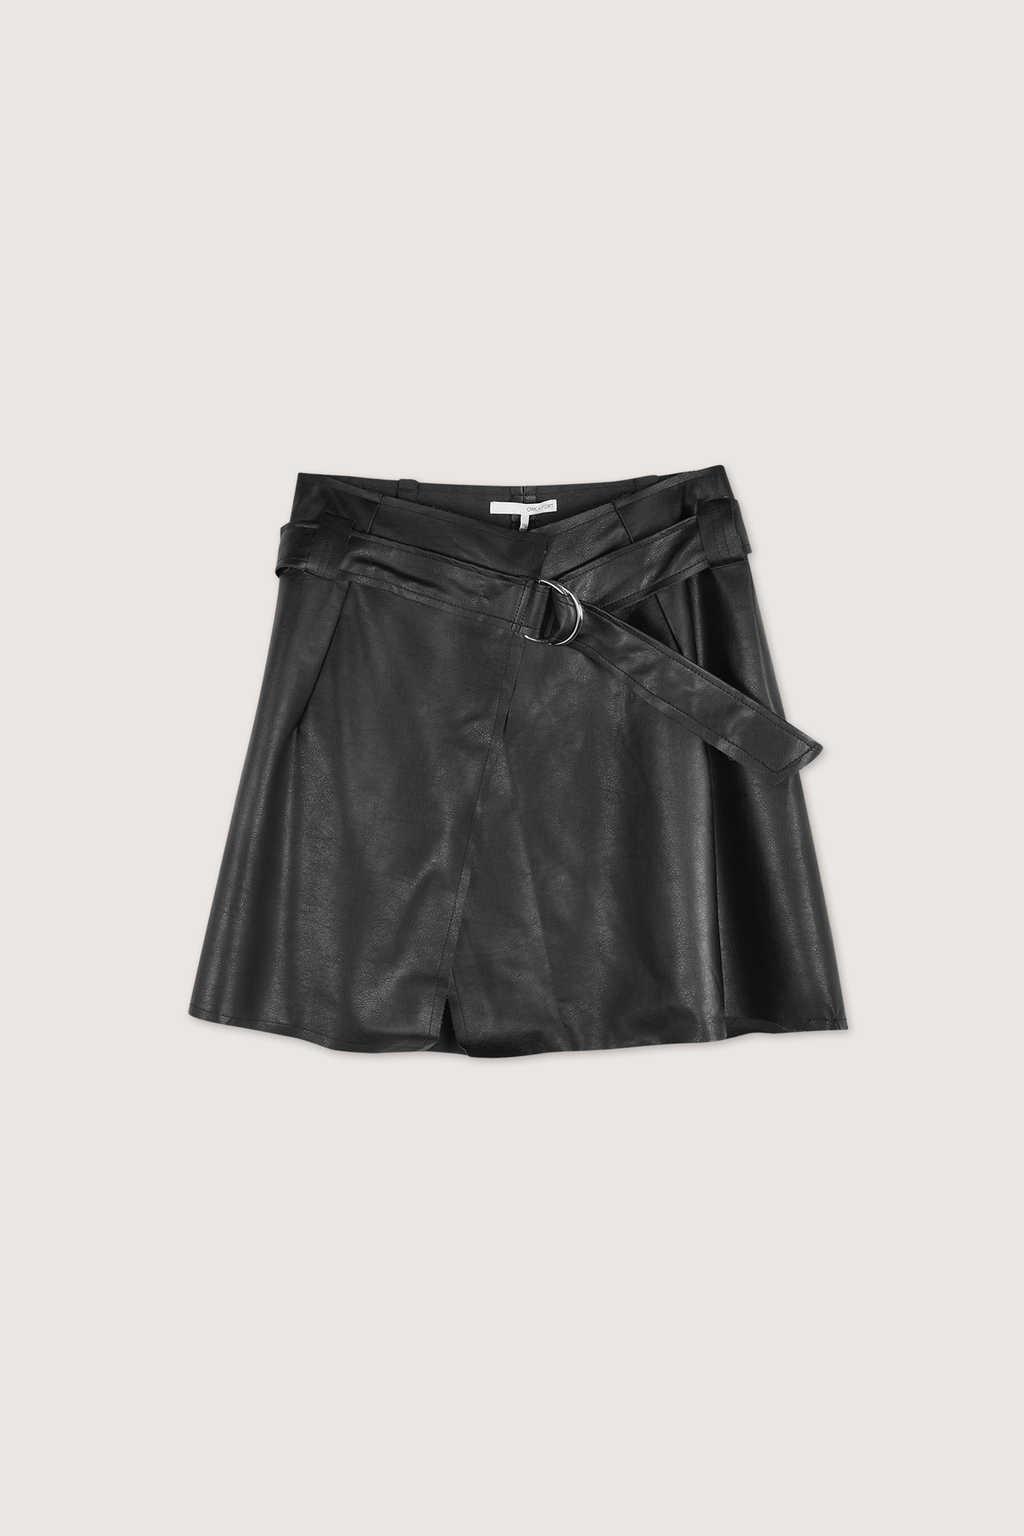 Skirt H152 Black 10